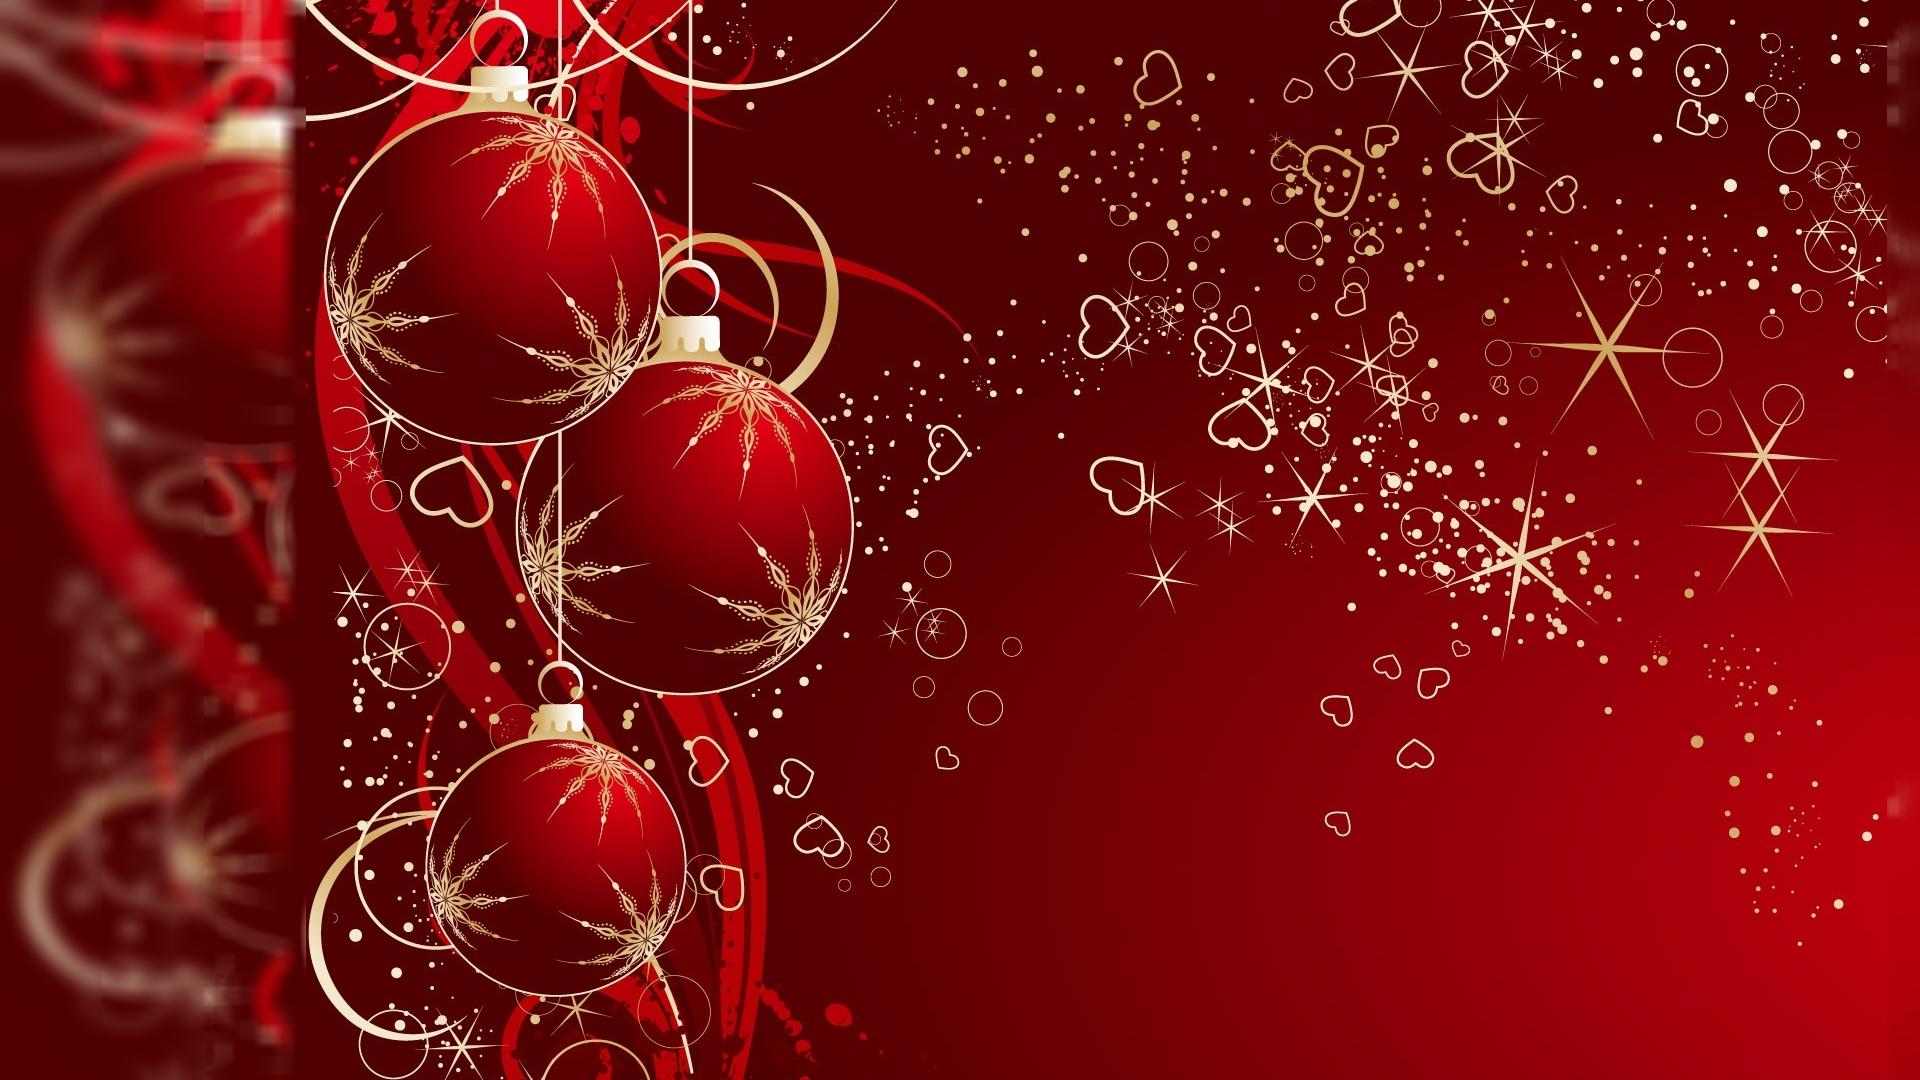 Christmas Desktop Theme Wallpaper 1920x1080